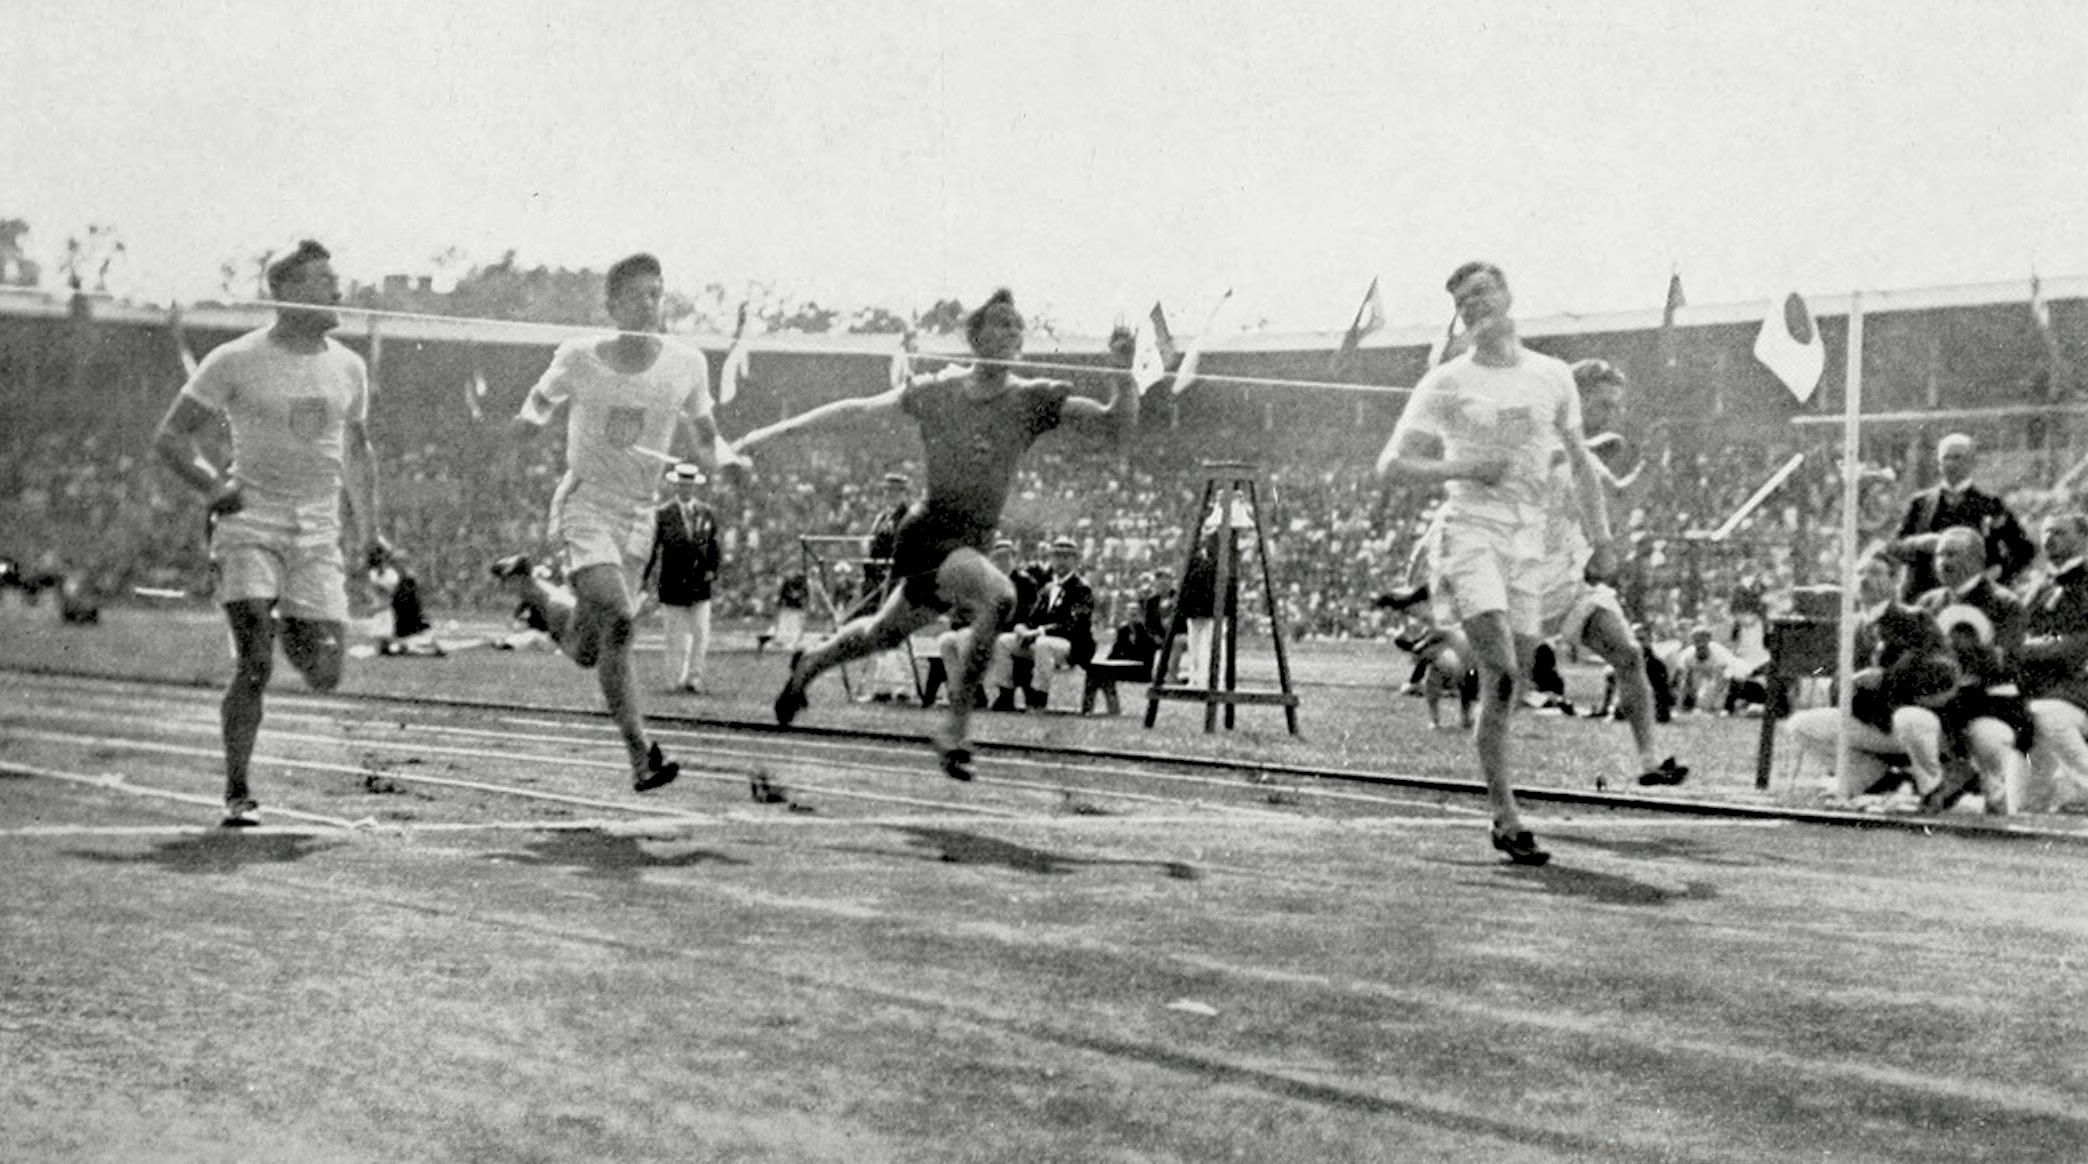 日本におけるオリンピックの歴史